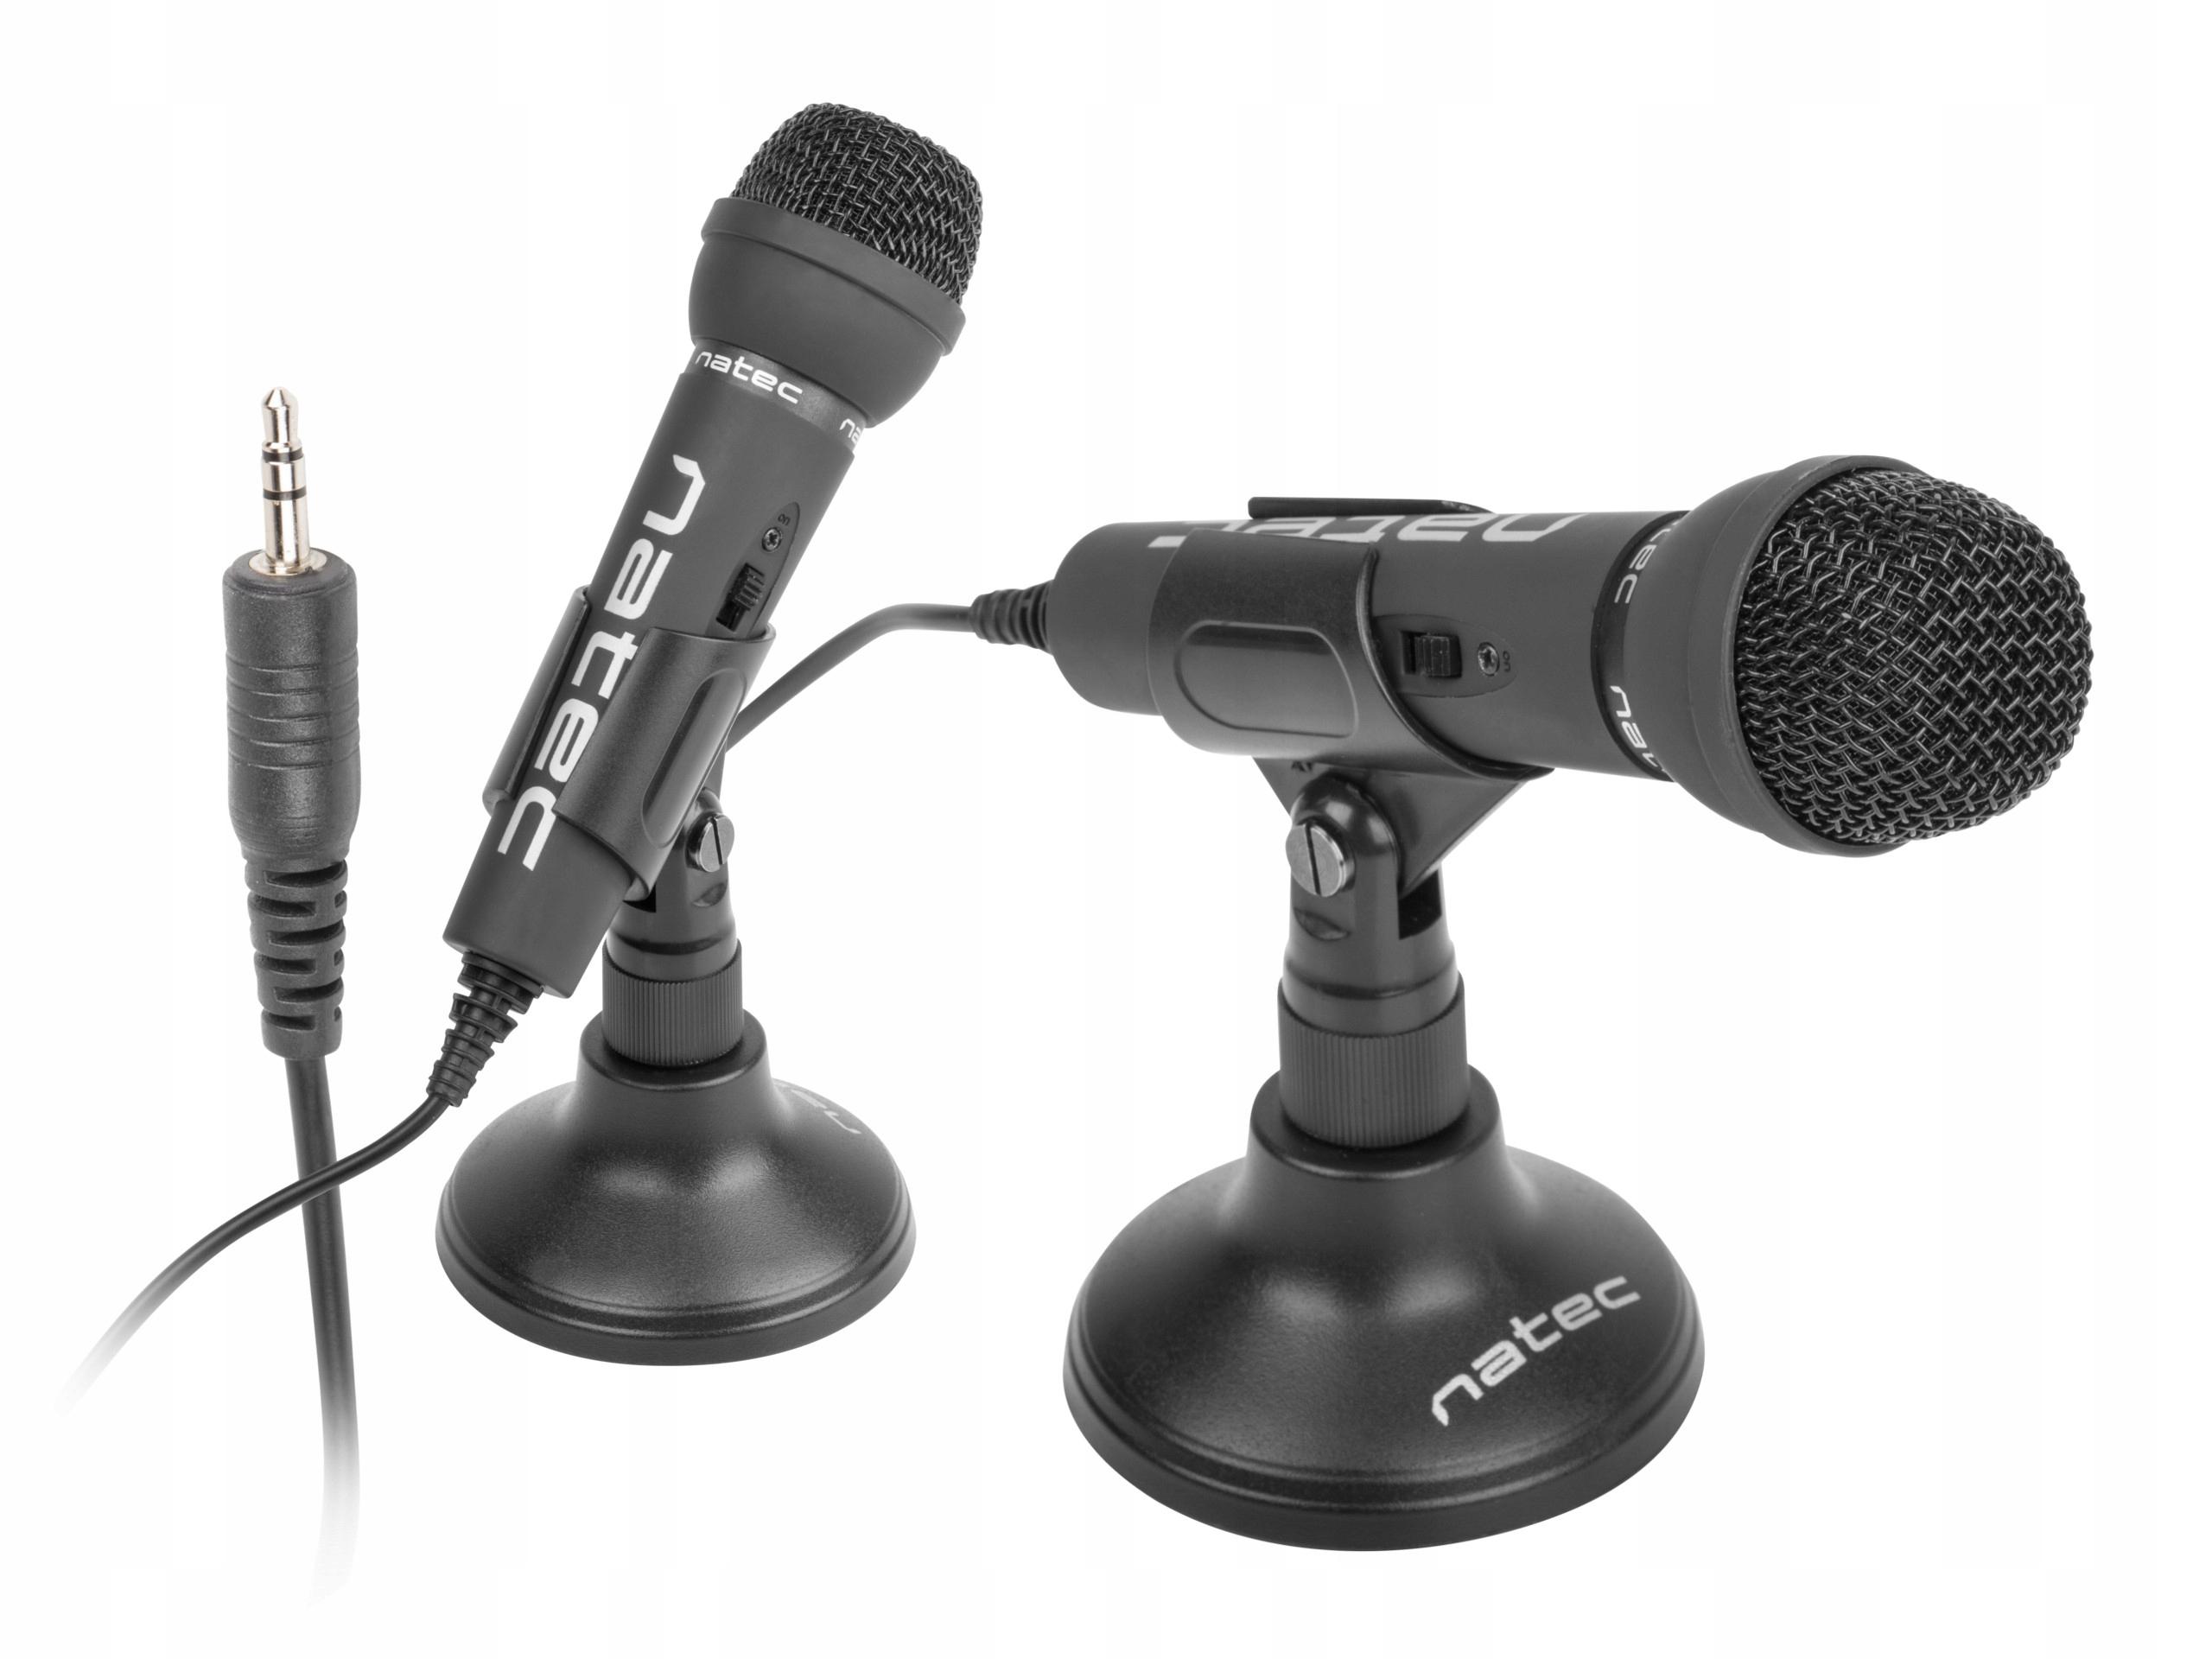 Mikrofón pre Natec ADDER na statív